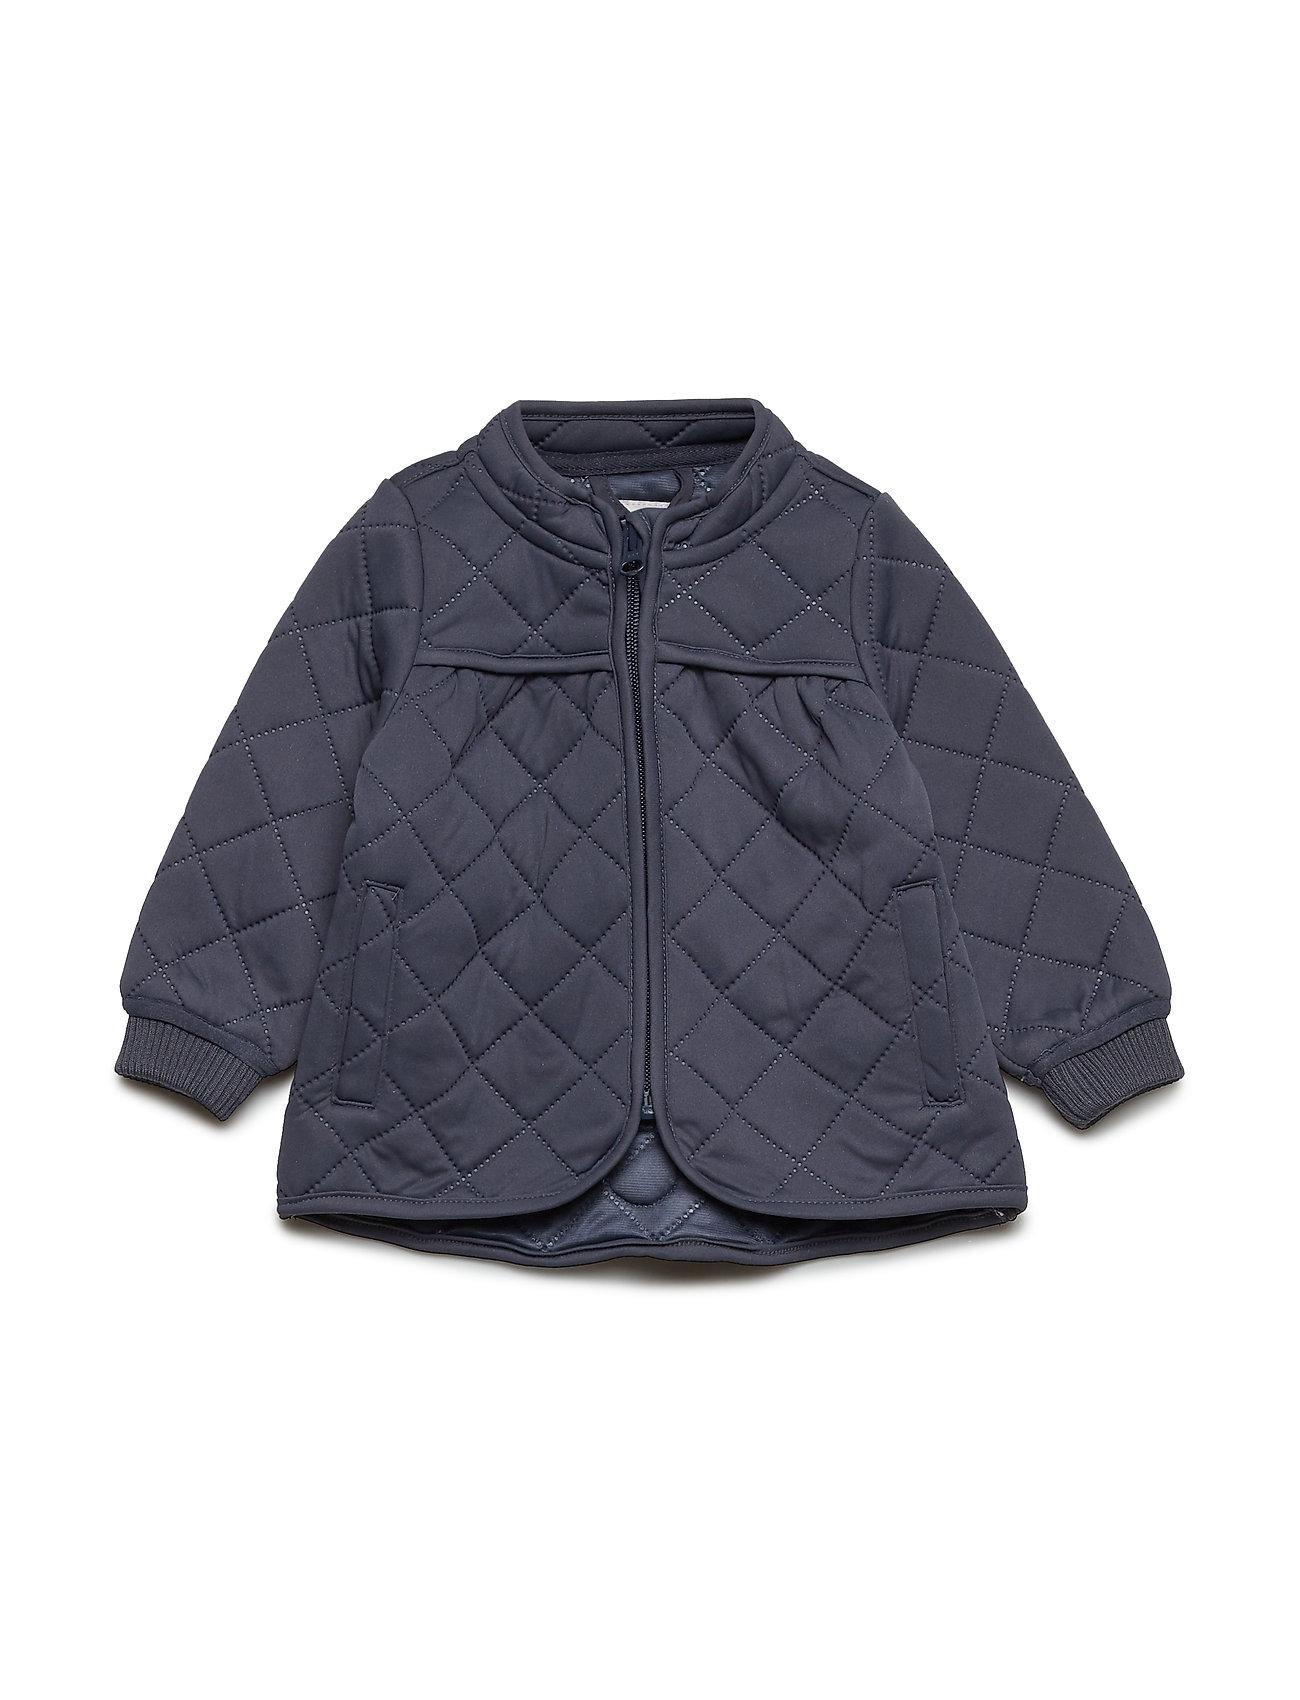 90a00d62 Köp Outerwear på premiumklader.se